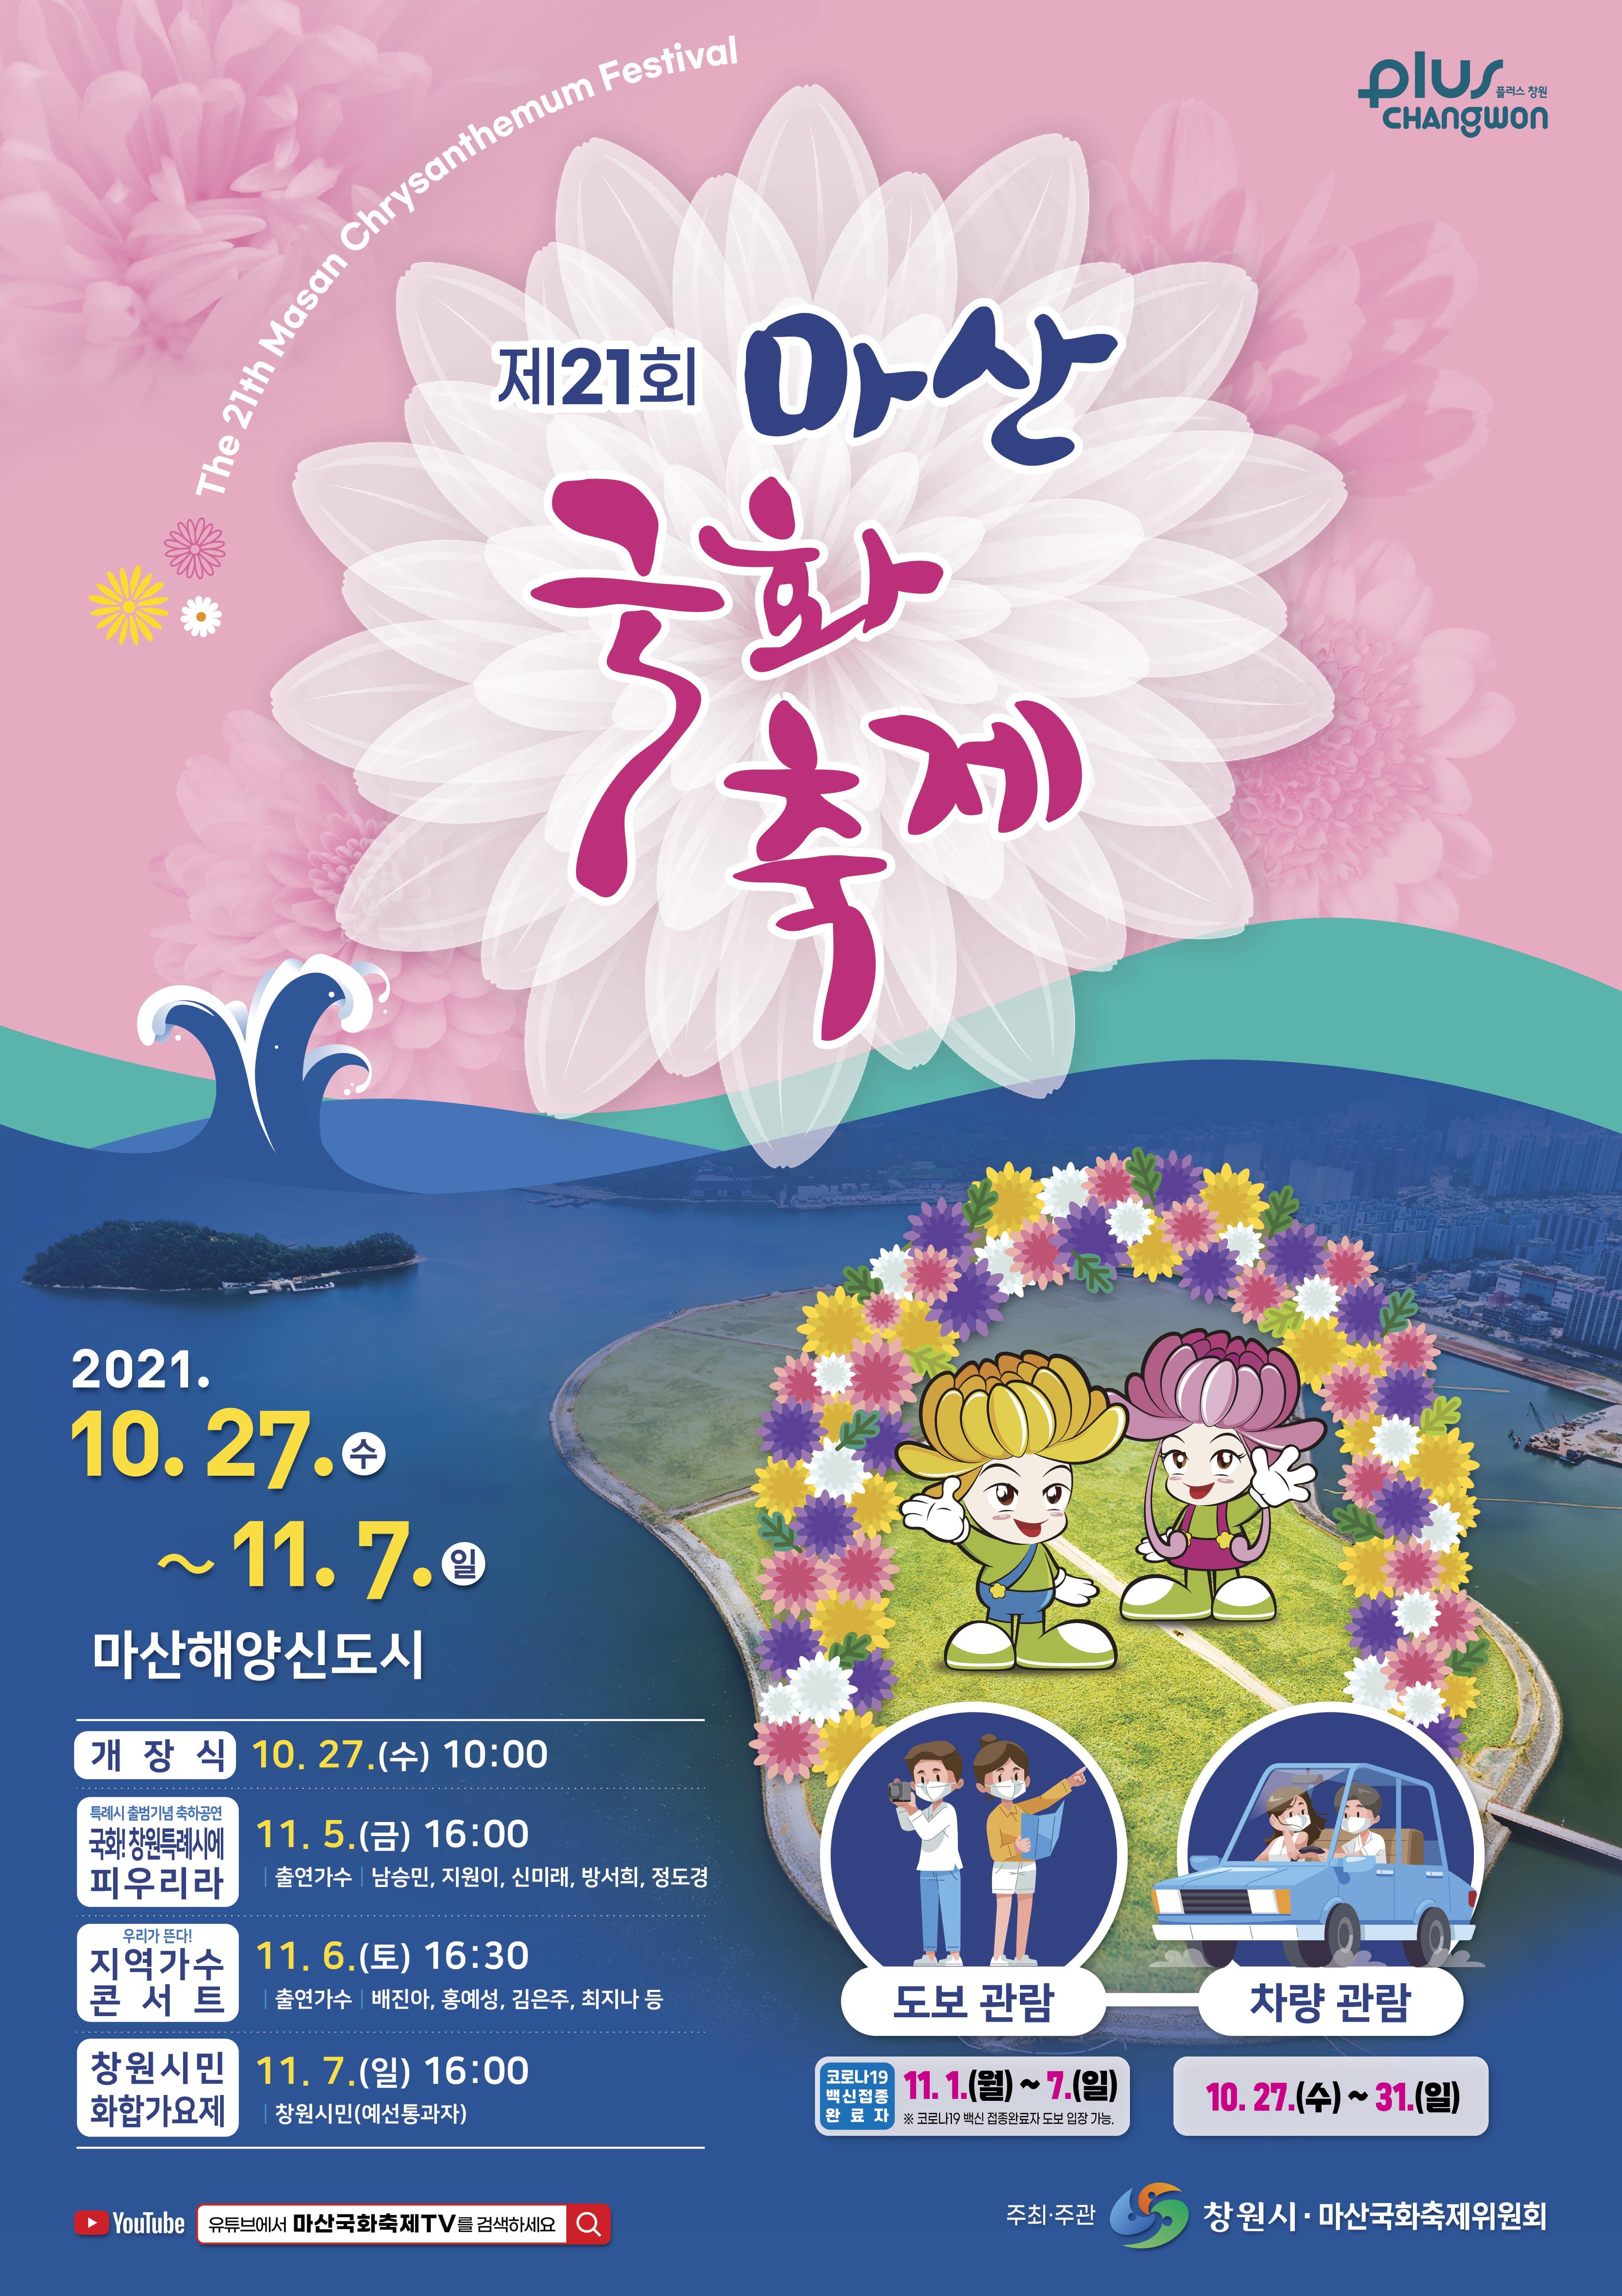 제21회 마산국화축제